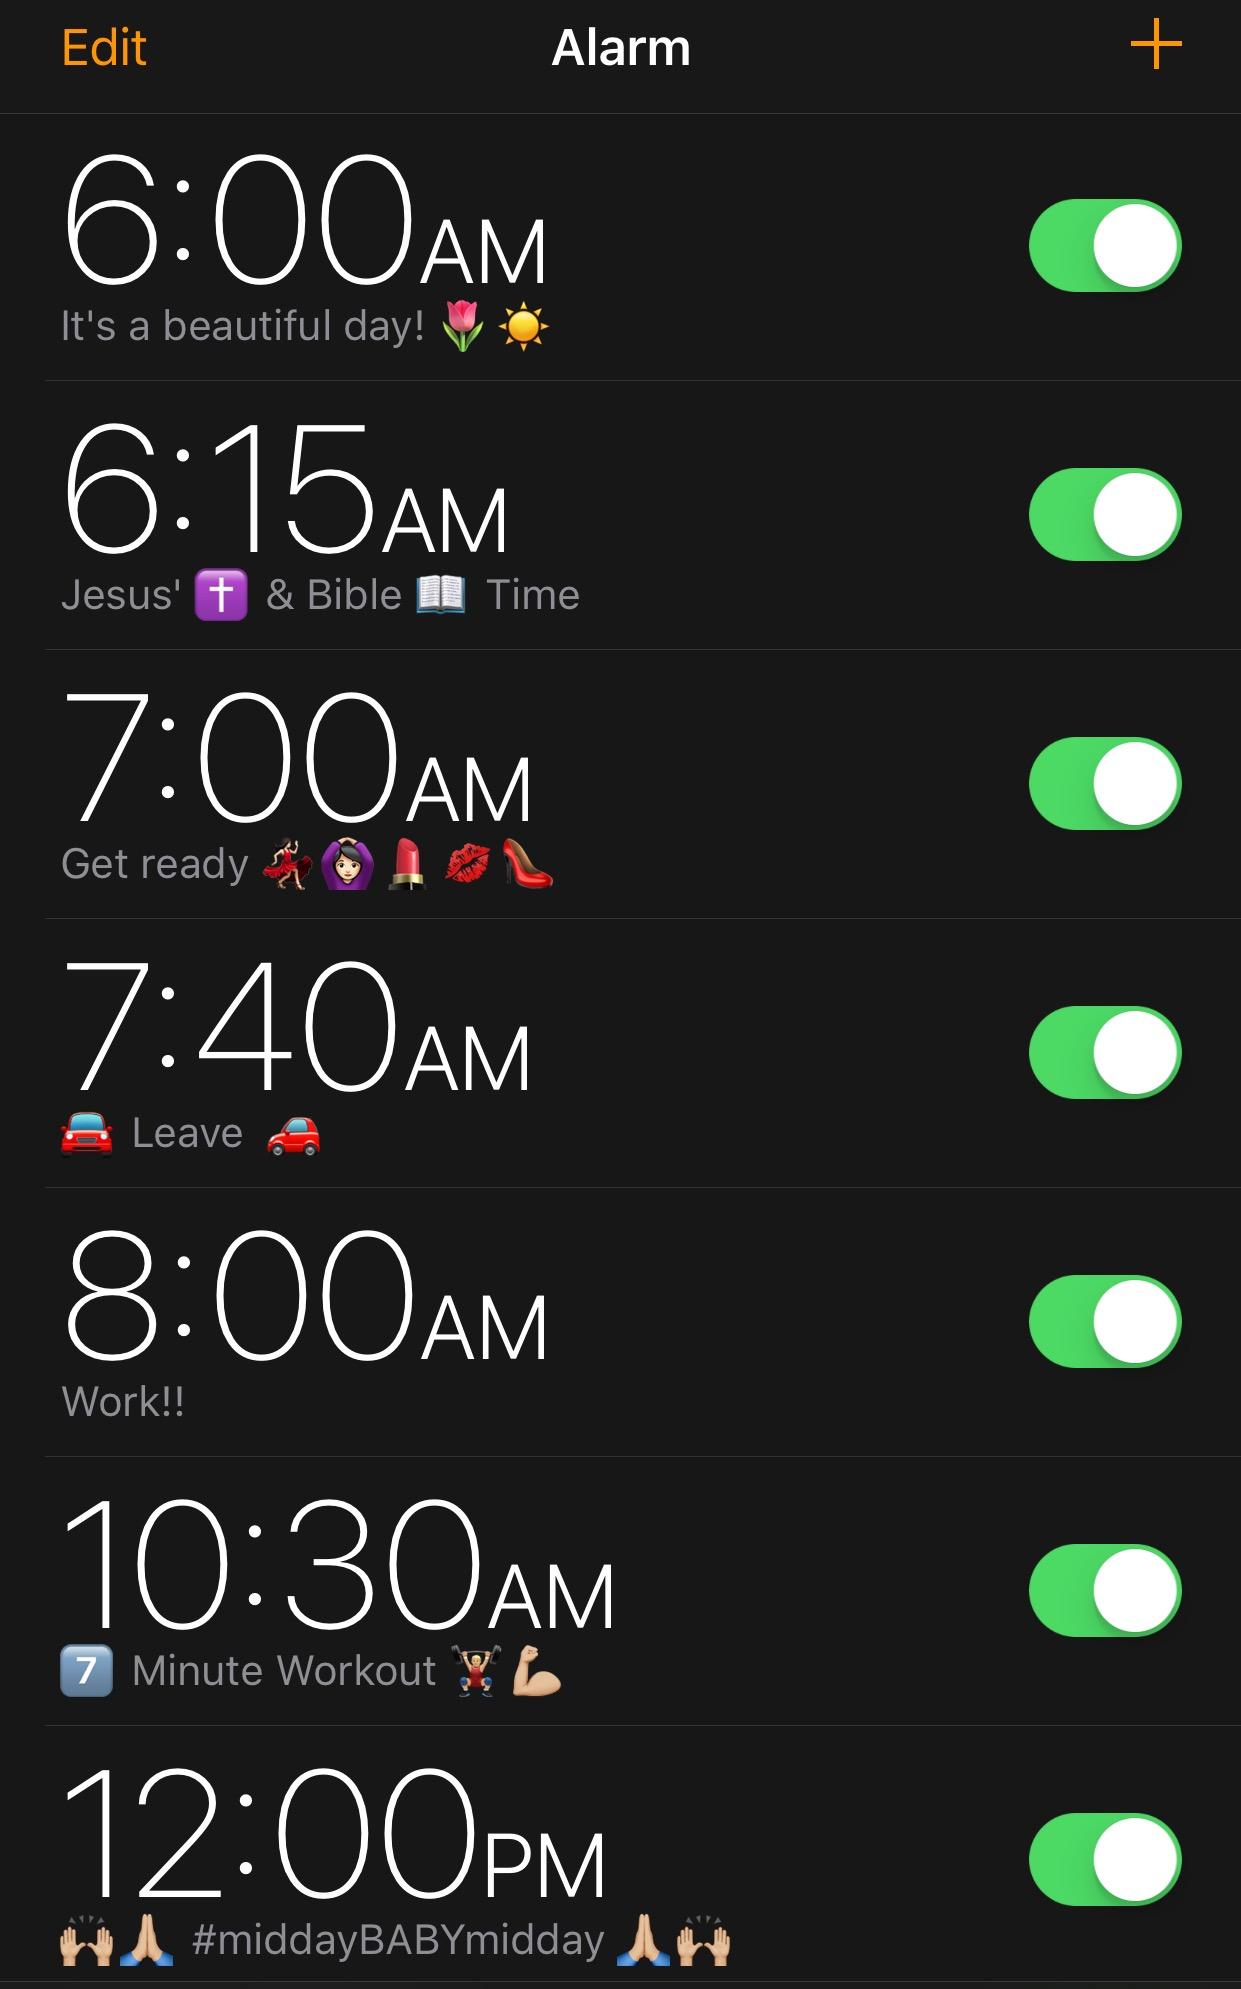 alarms.jpg